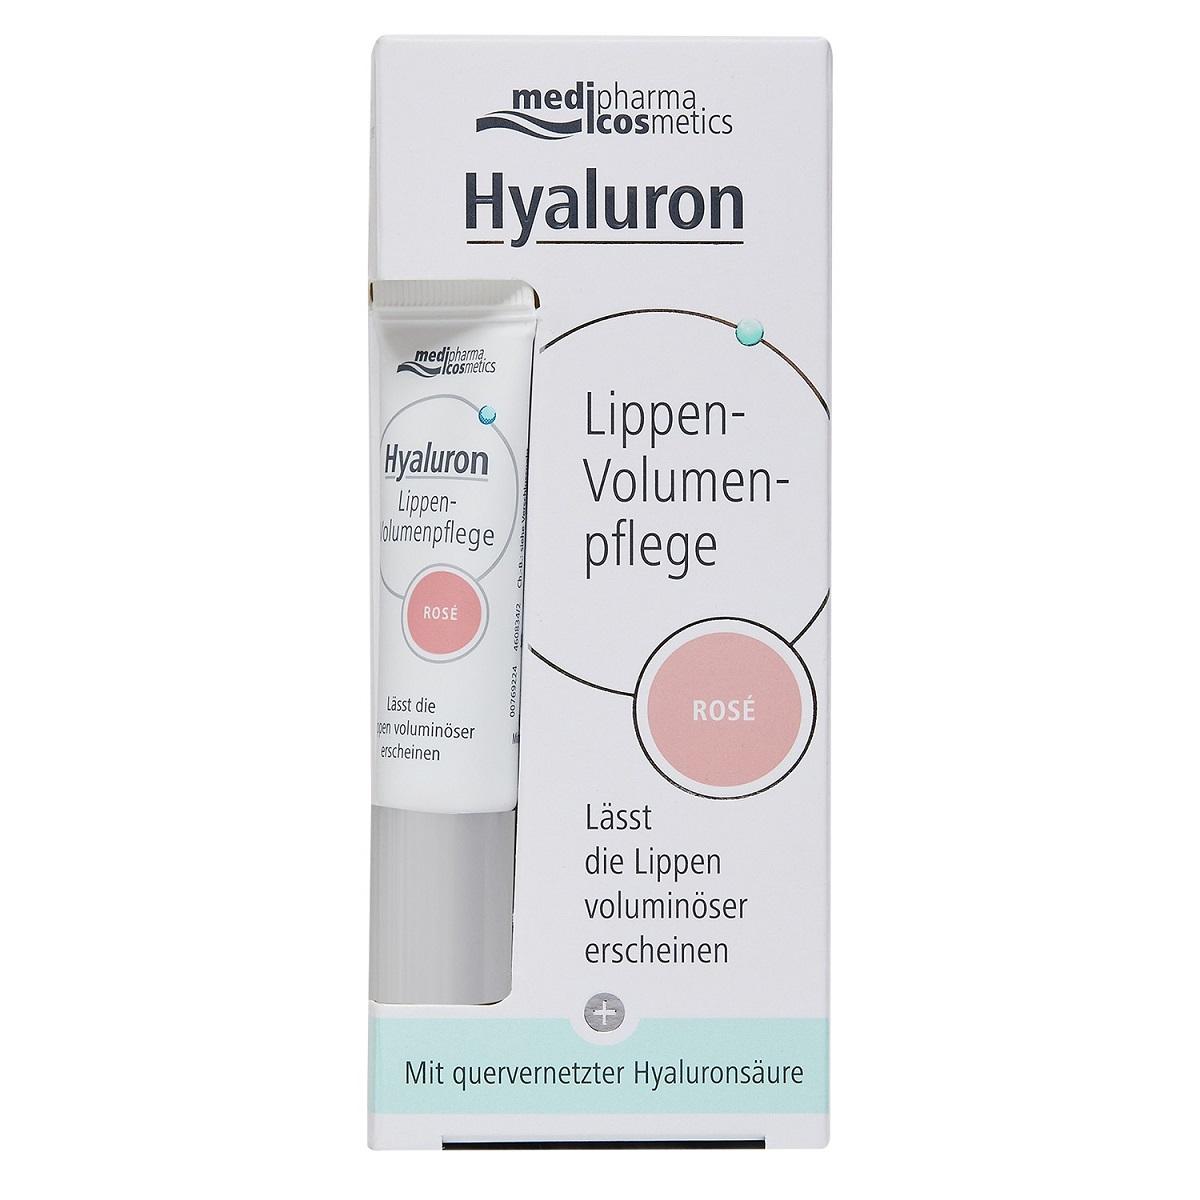 Купить Medipharma Cosmetics Бальзам для объема губ розовый, 7 мл (Medipharma Cosmetics, Pharma Hyaluron), Германия